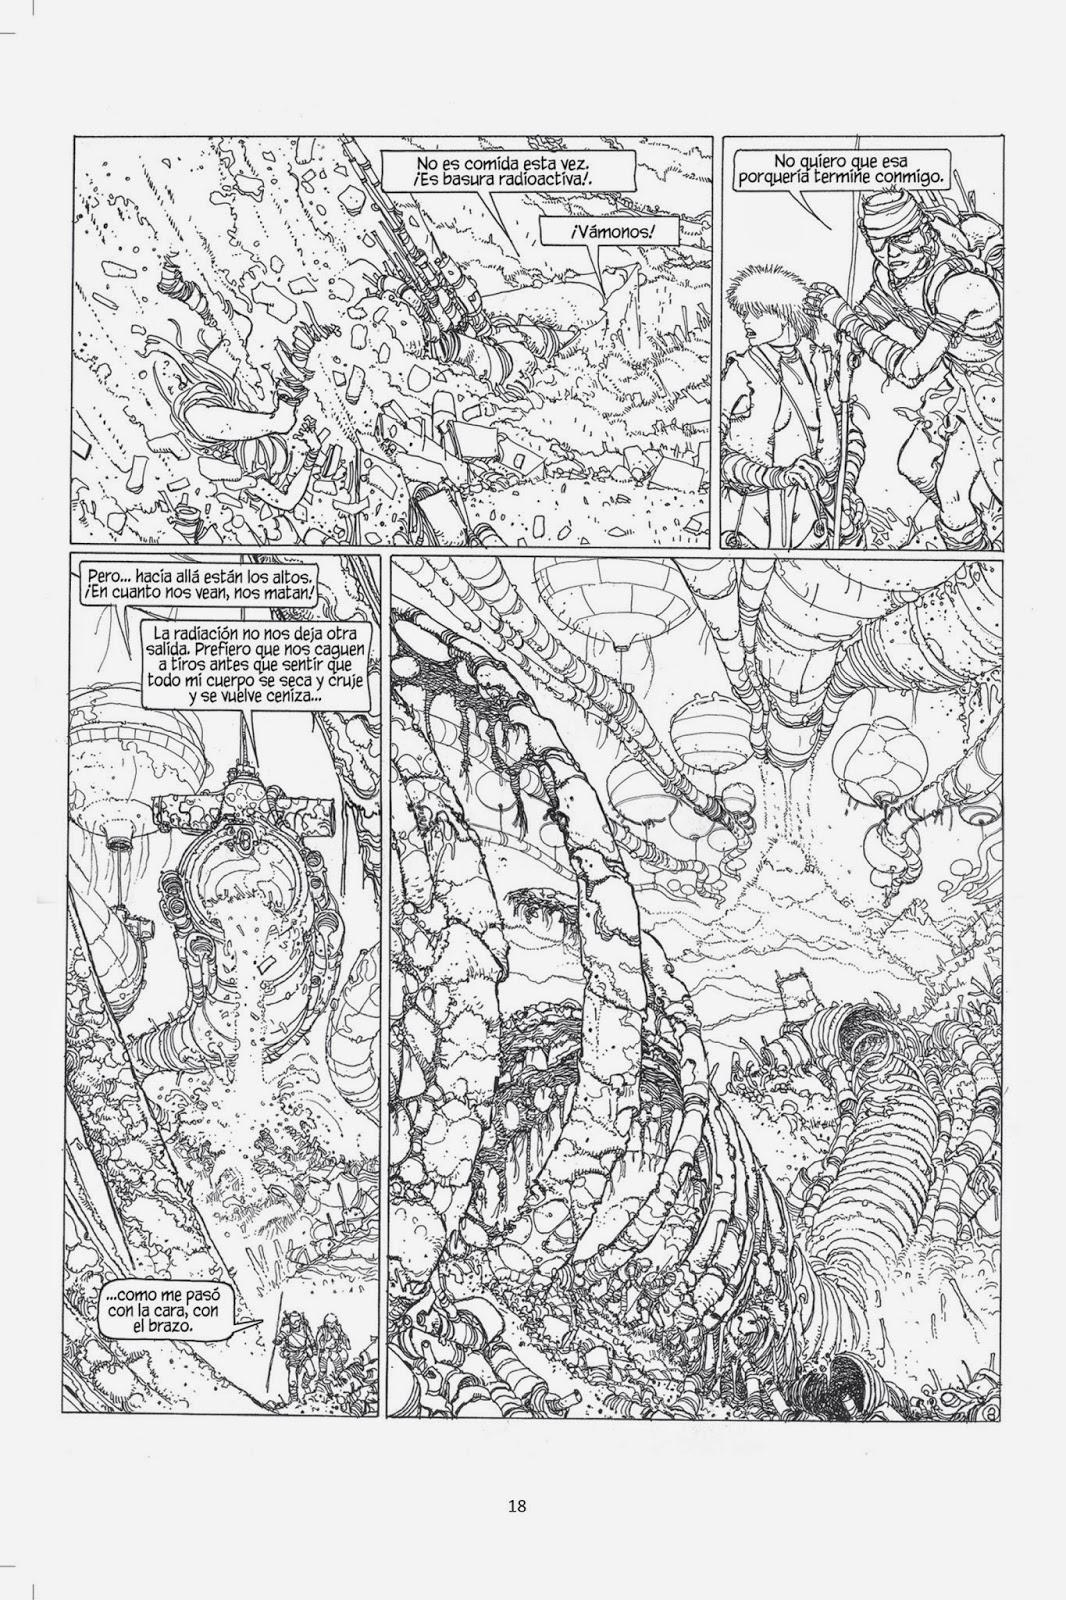 [Literatura y Comics] ¿Qué leí hoy? - Página 35 Basura%2B18